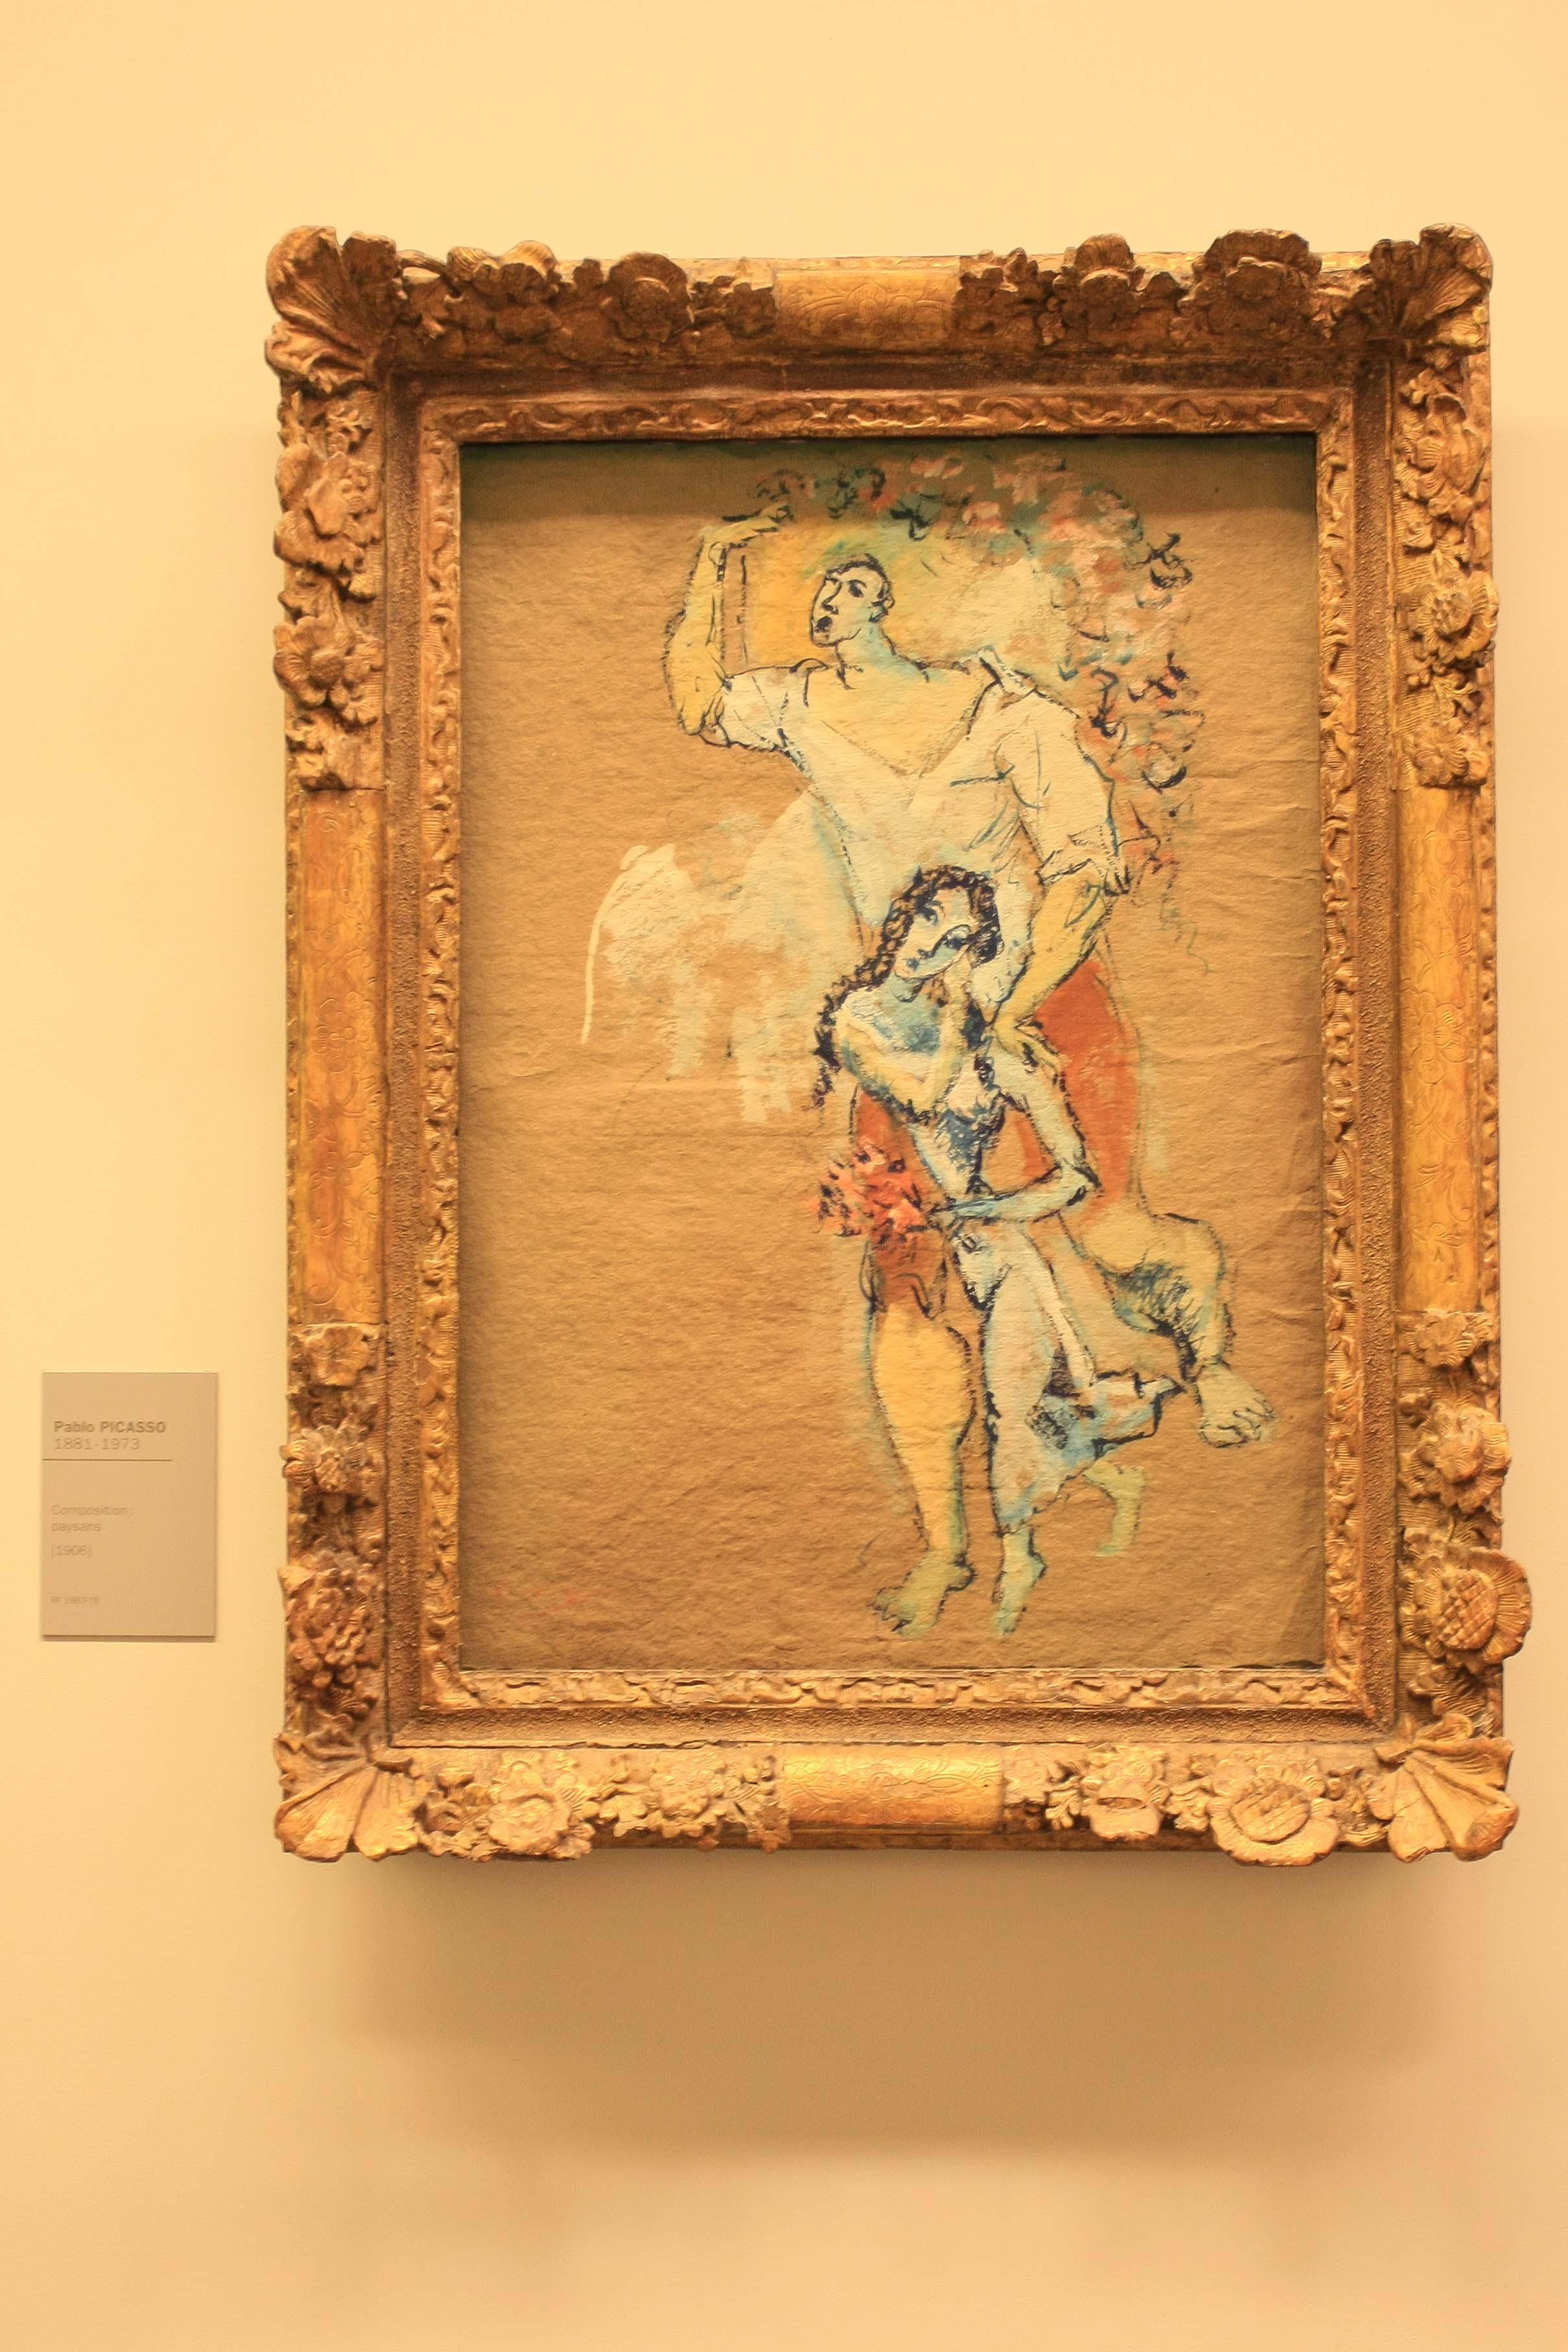 【フランス旅行】パリ オランジュリー美術館 ピカソの絵